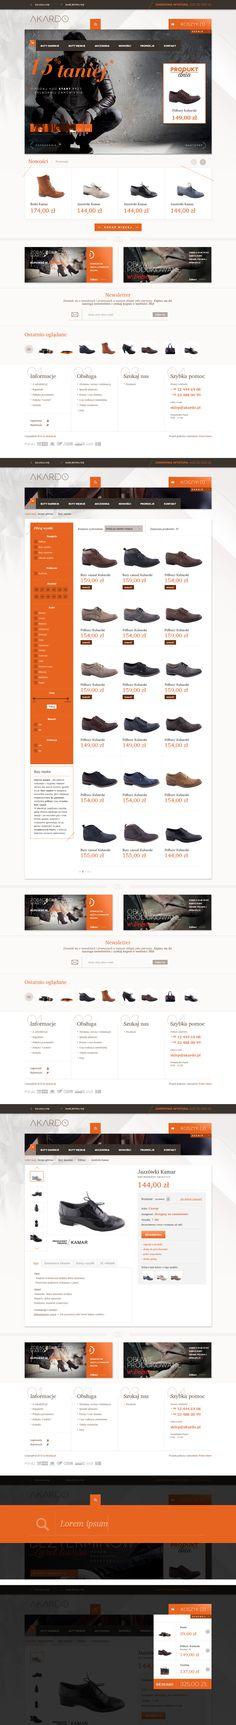 Akardo.pl shop by Łukasz Sokół via Behance http://www.behance.net/gallery/Akardopl/8139561